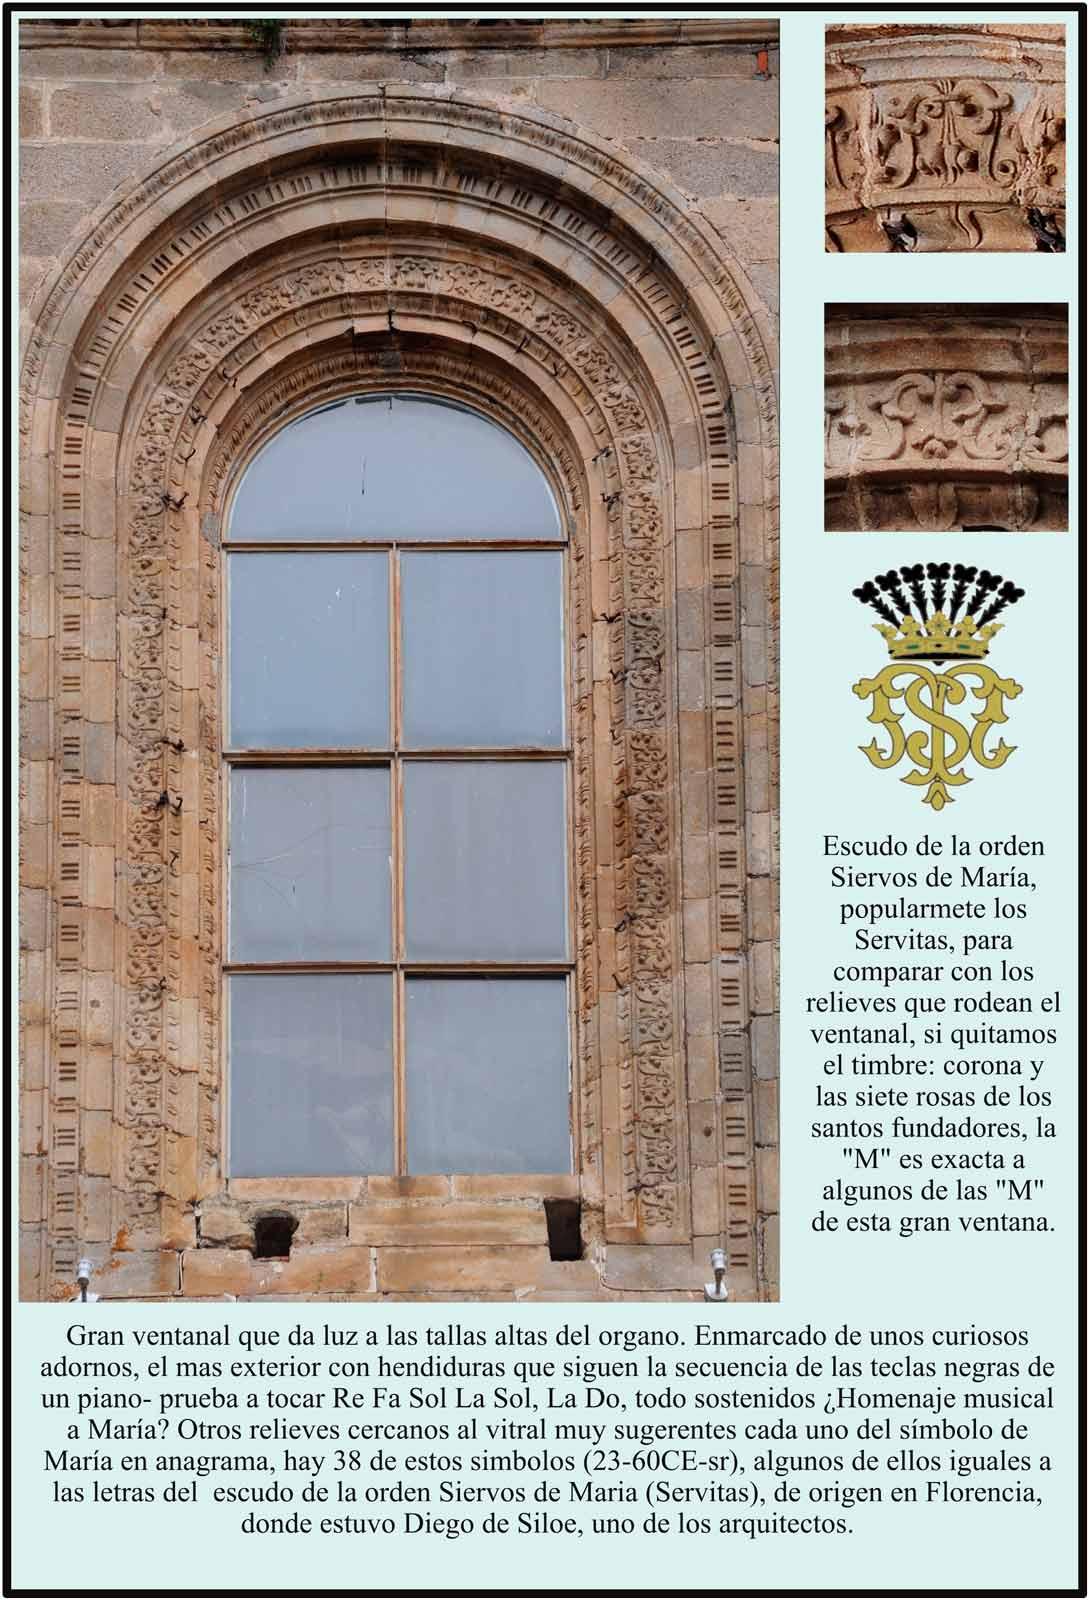 Gran ventanal y simbolos en anagrama de Maria en la fachada del Enlosado